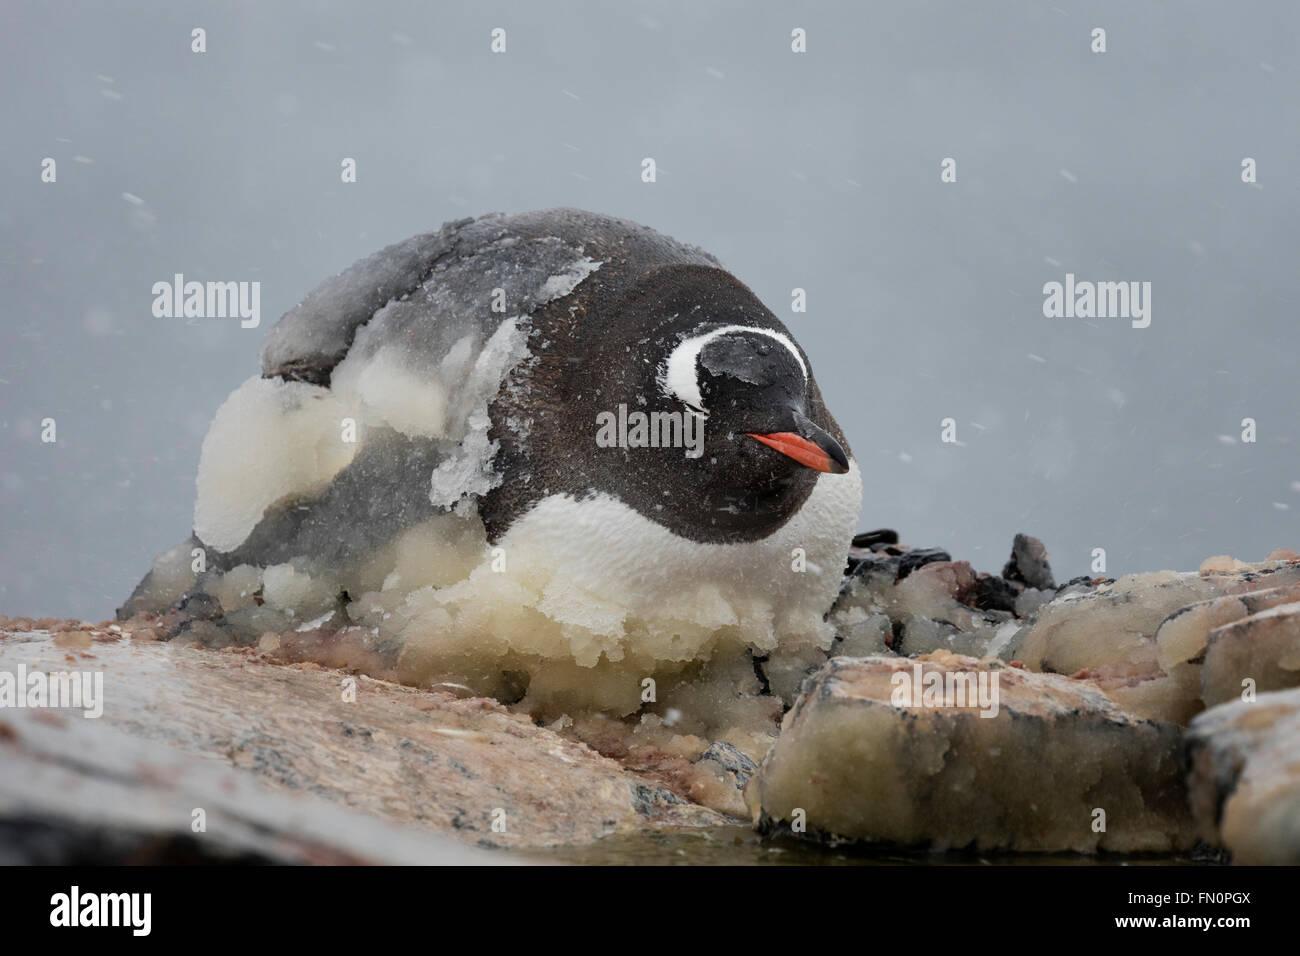 La Antártida, en la península Antártica, Isla Booth, tumbado en nidos de pingüinos gentoo, cubierto Imagen De Stock